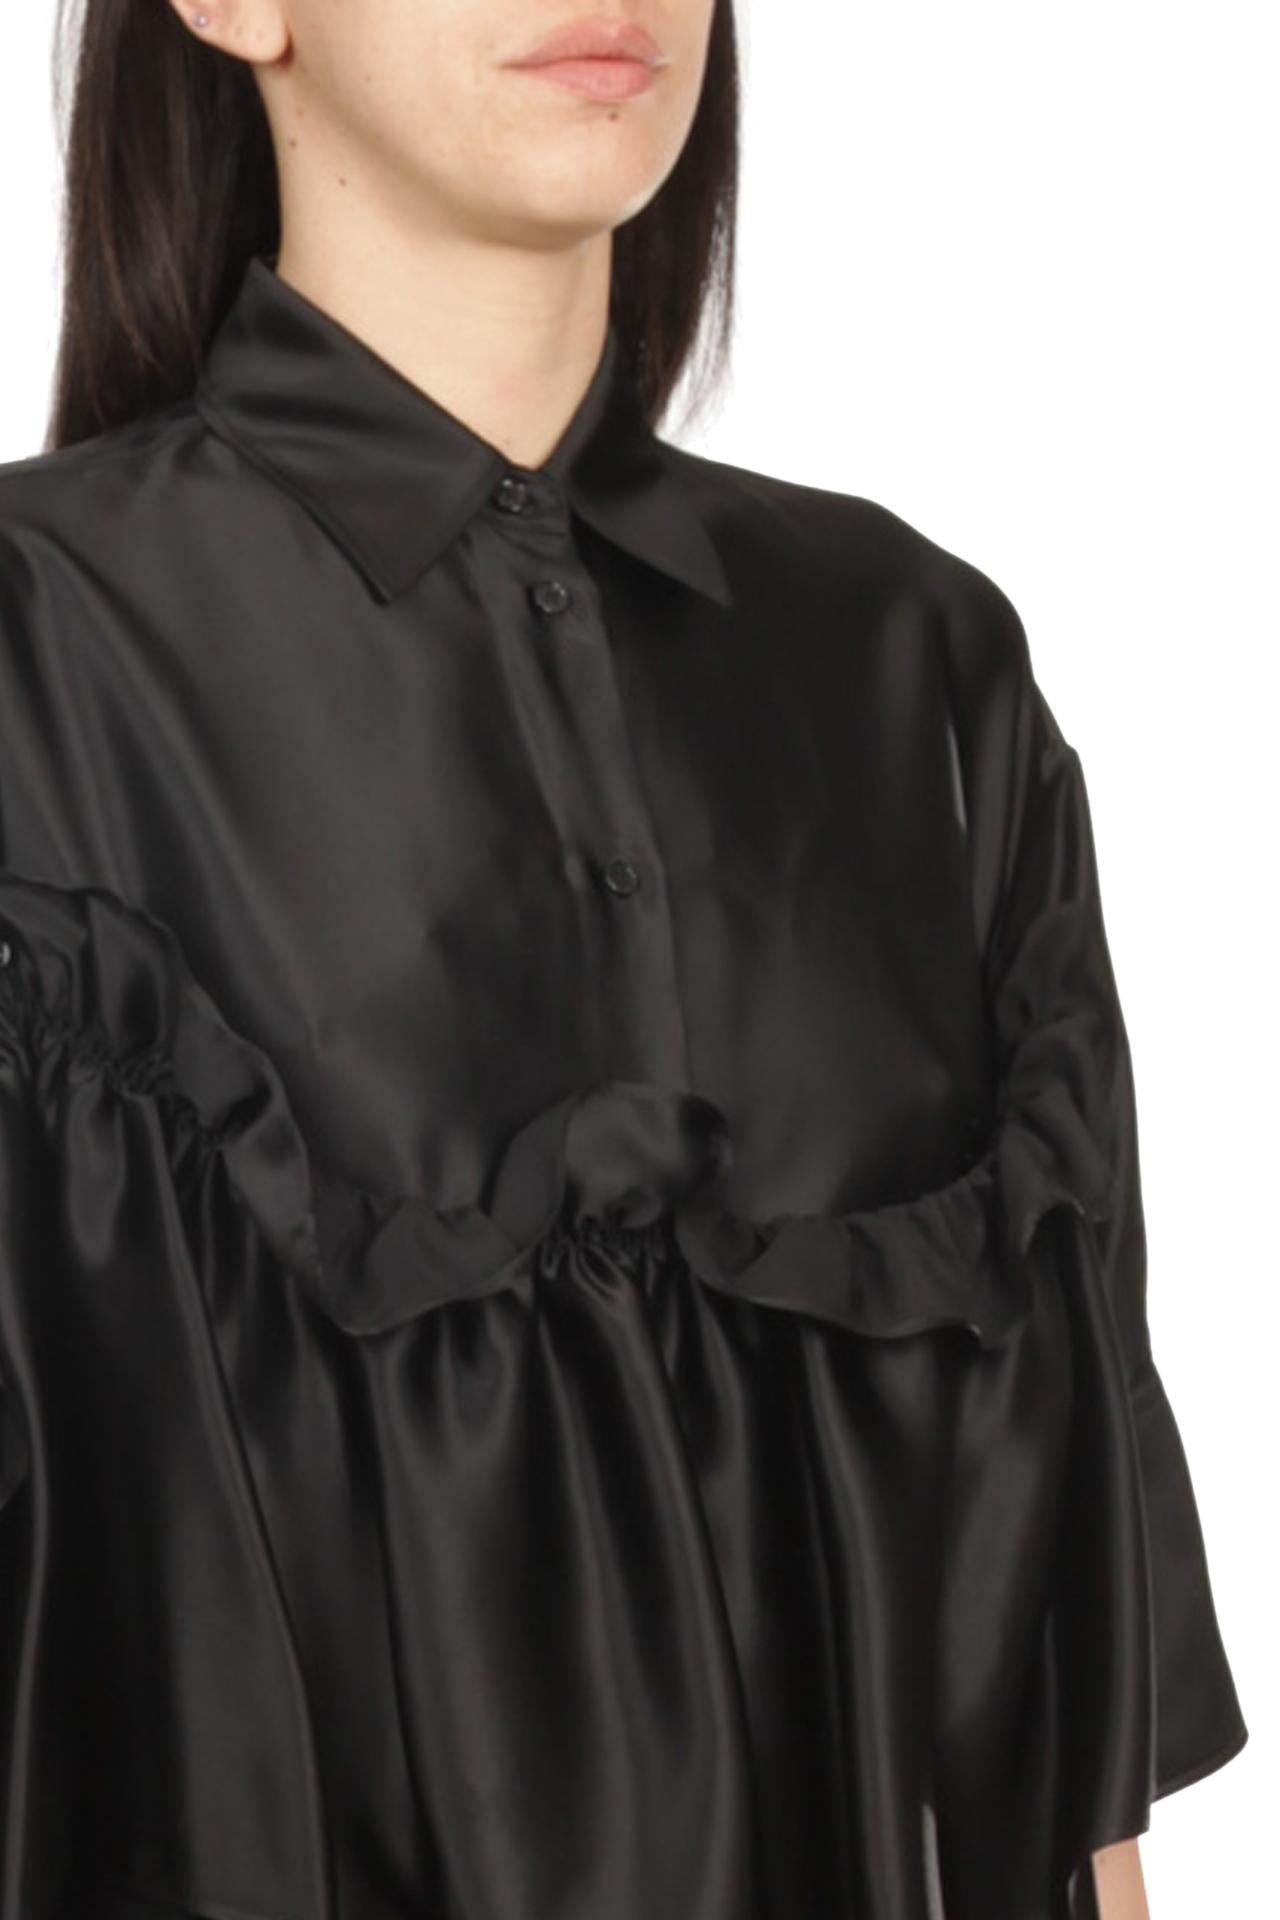 MM6 MAISON MARGIELA | Suit | S52CT0605-S52912900